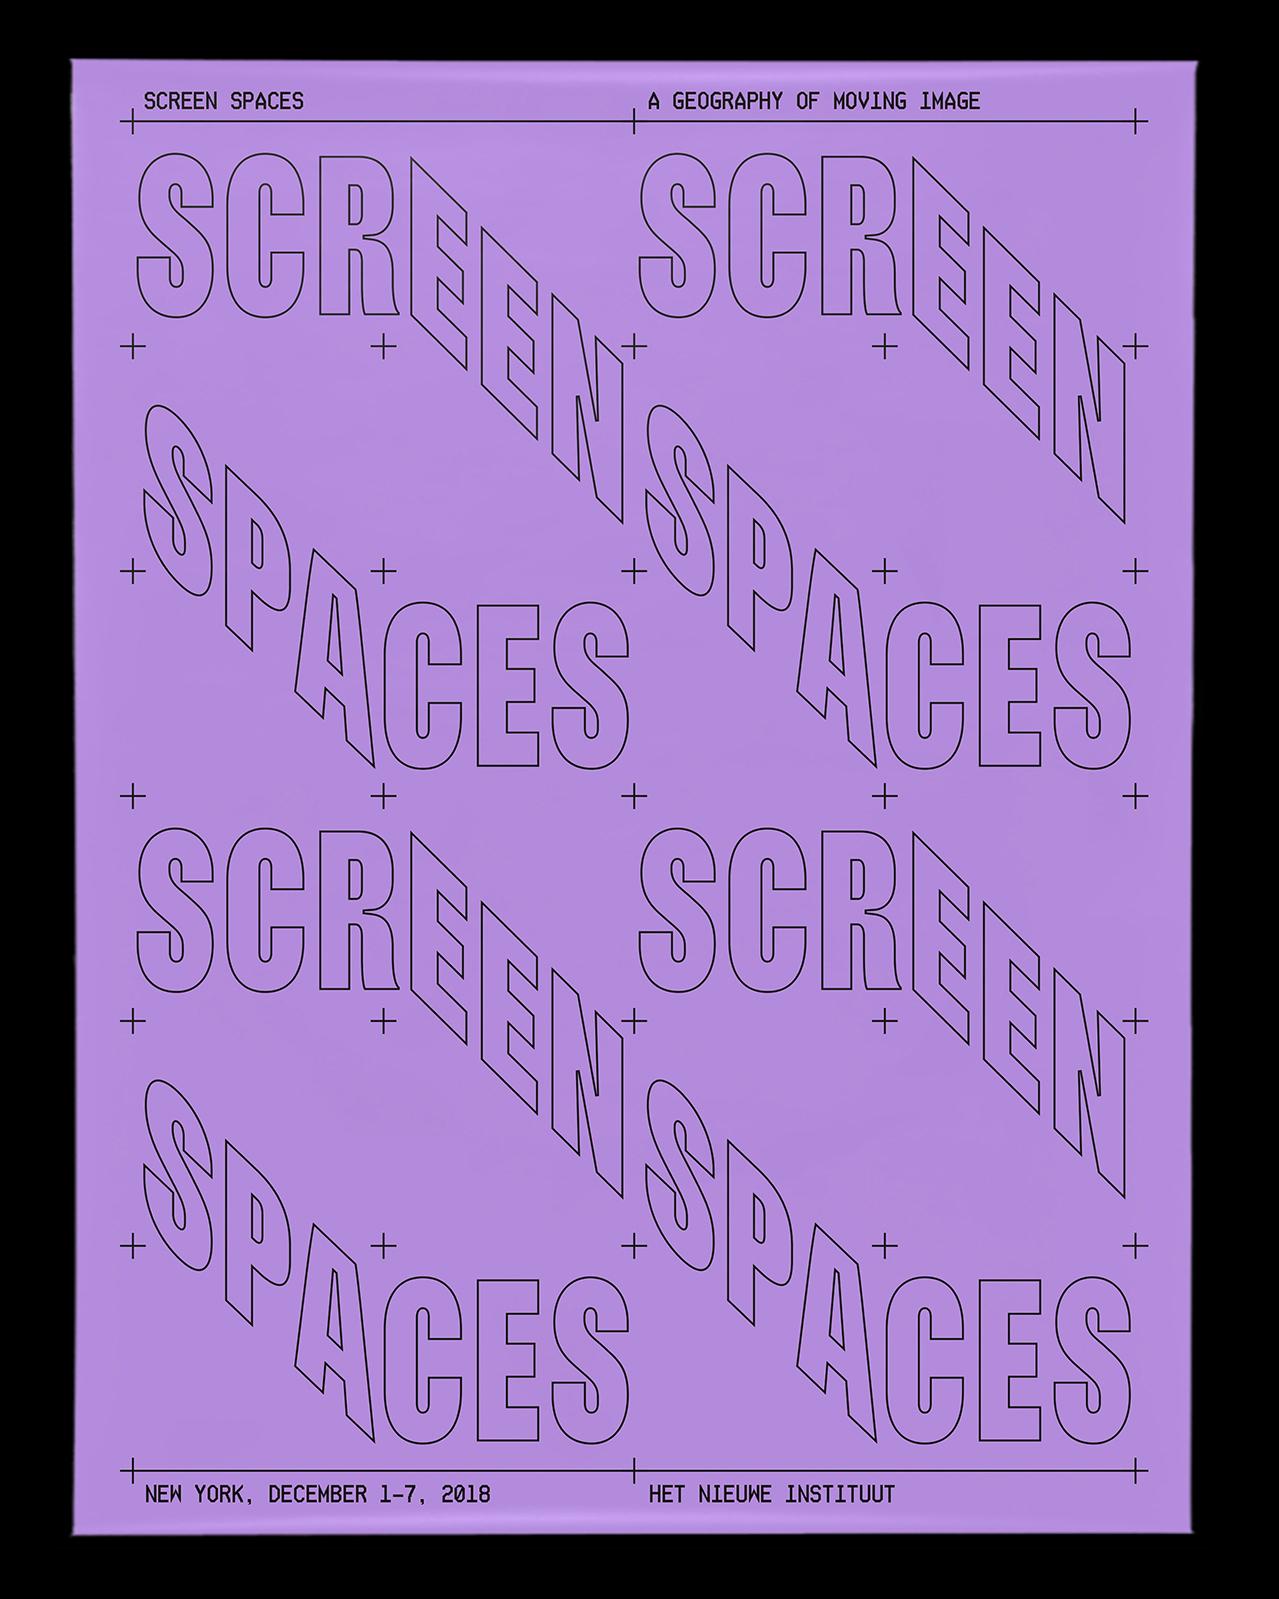 Koos Breen, Screen Spaces